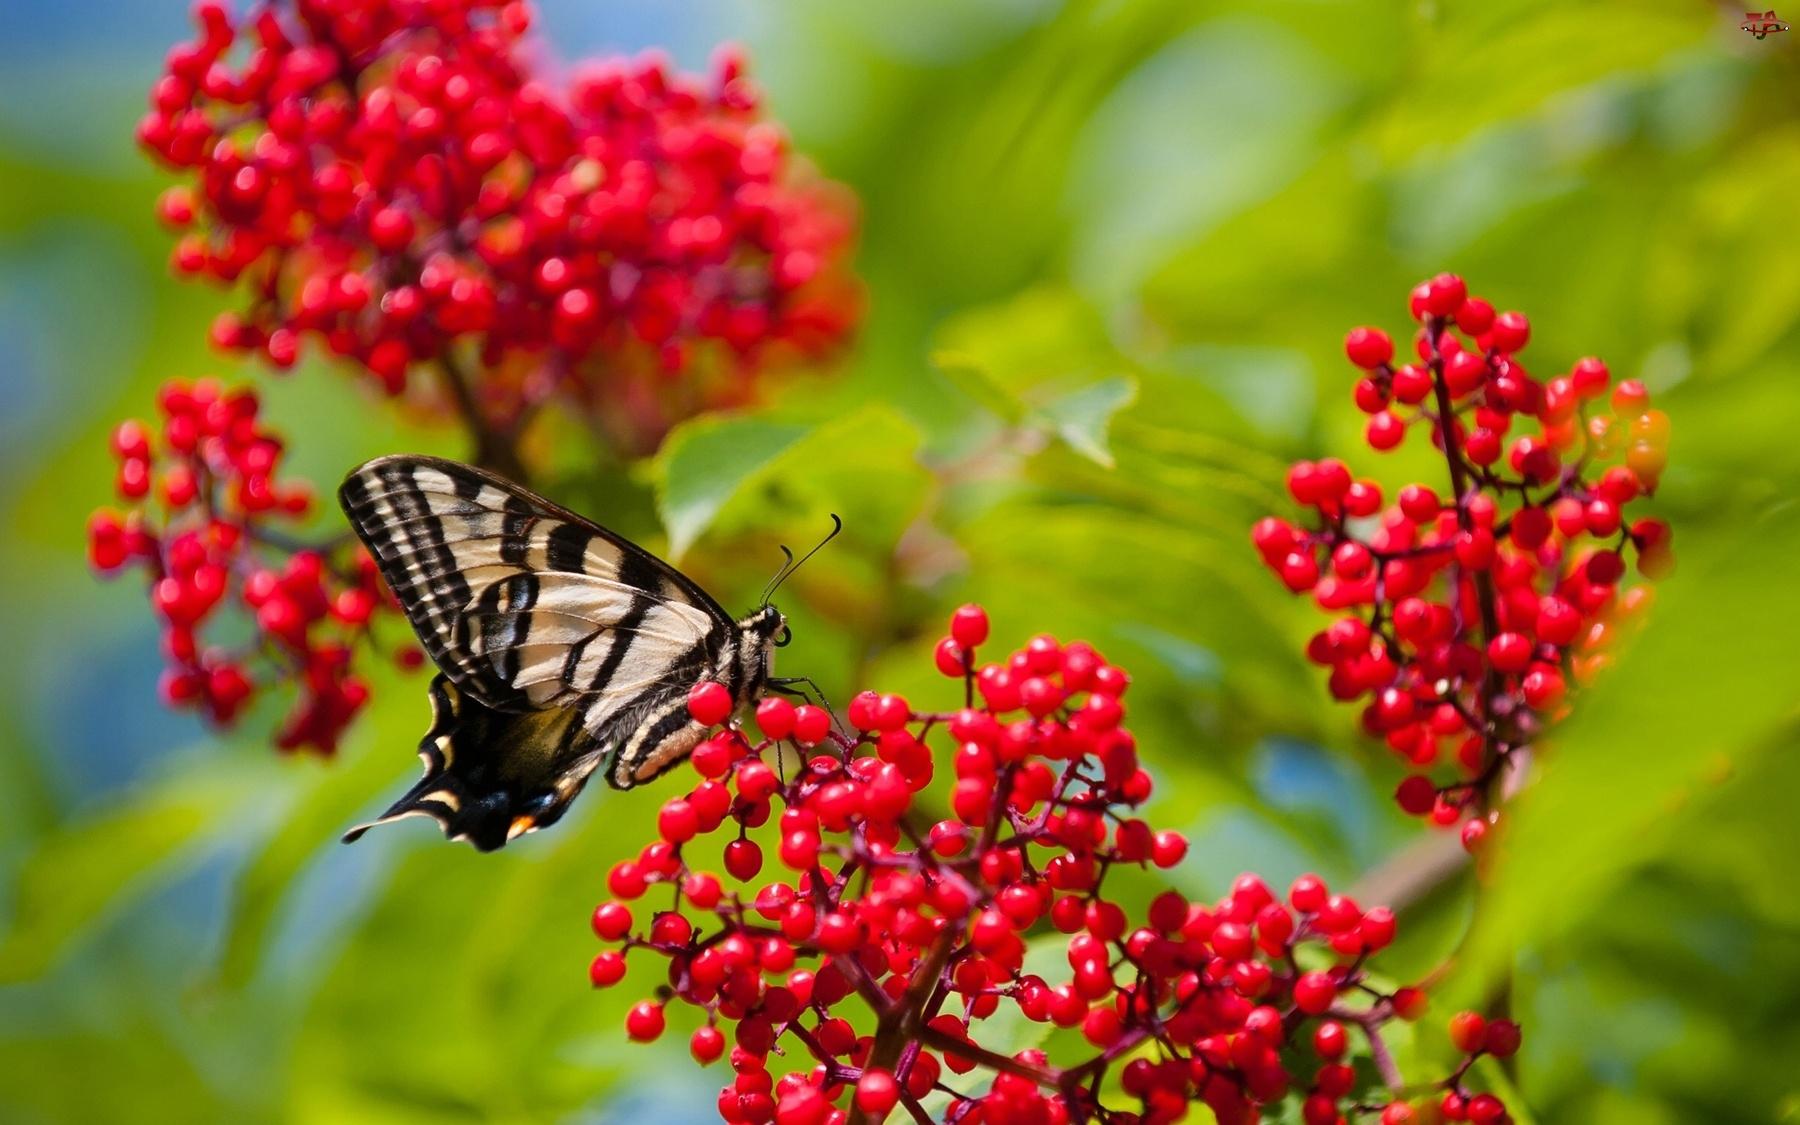 Owoce, Motylek, Czerwone